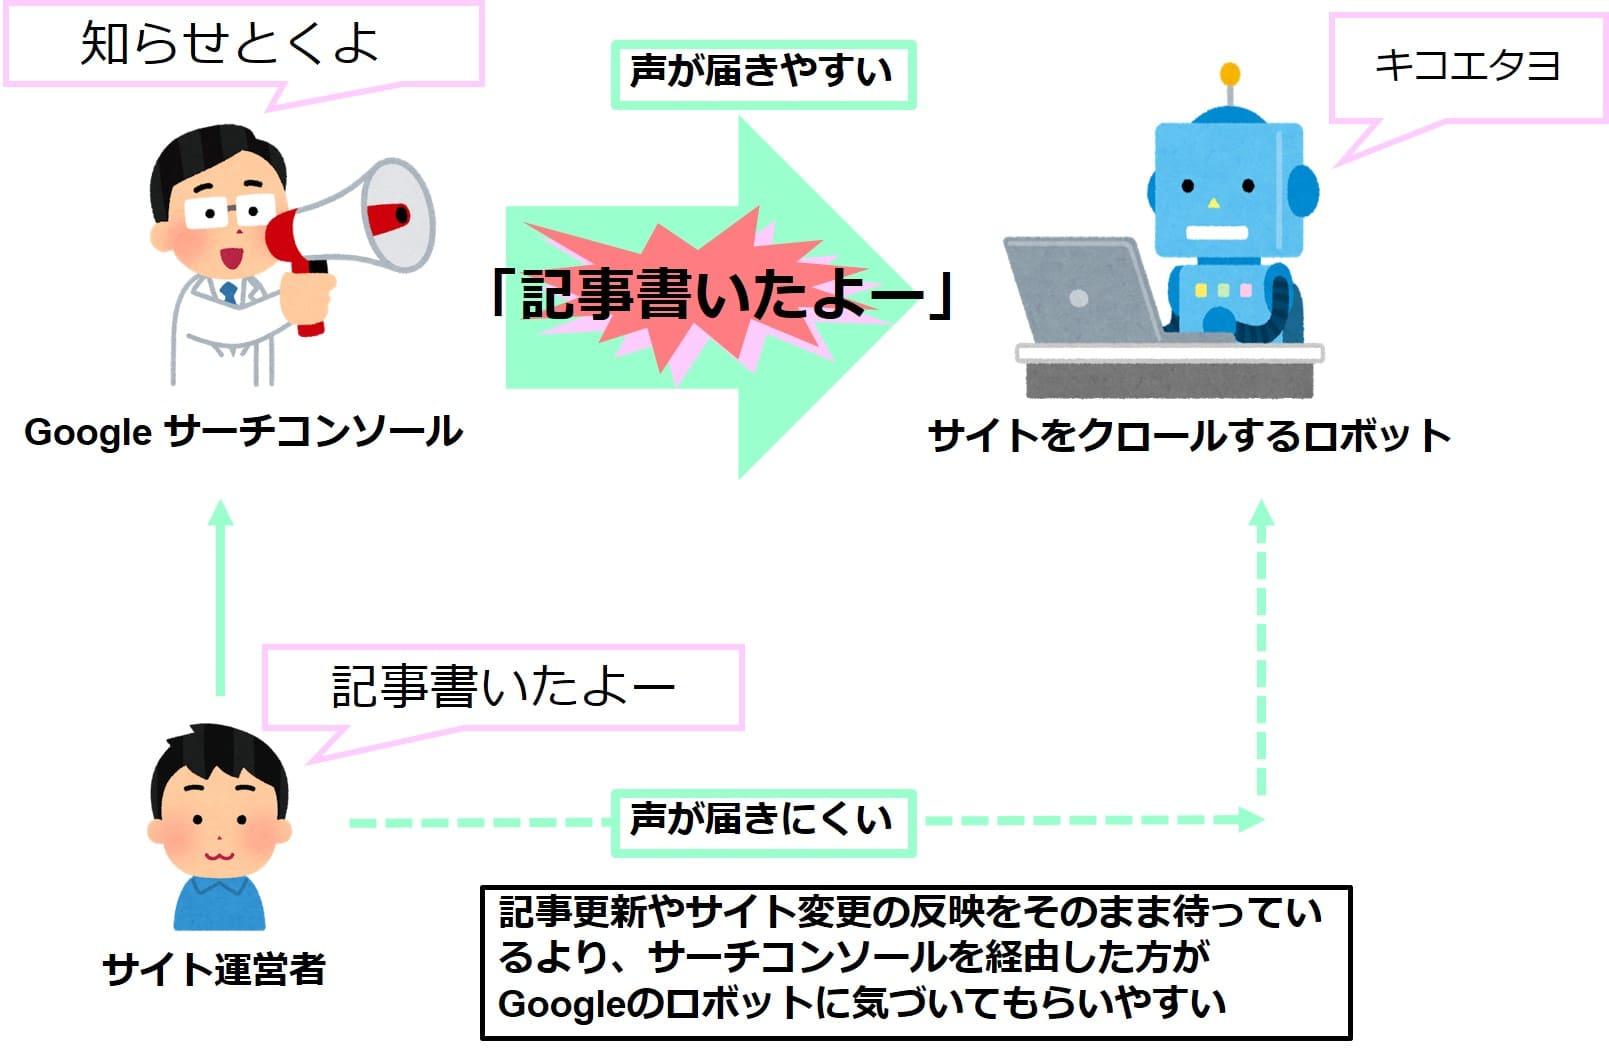 Googleロボットの説明画像